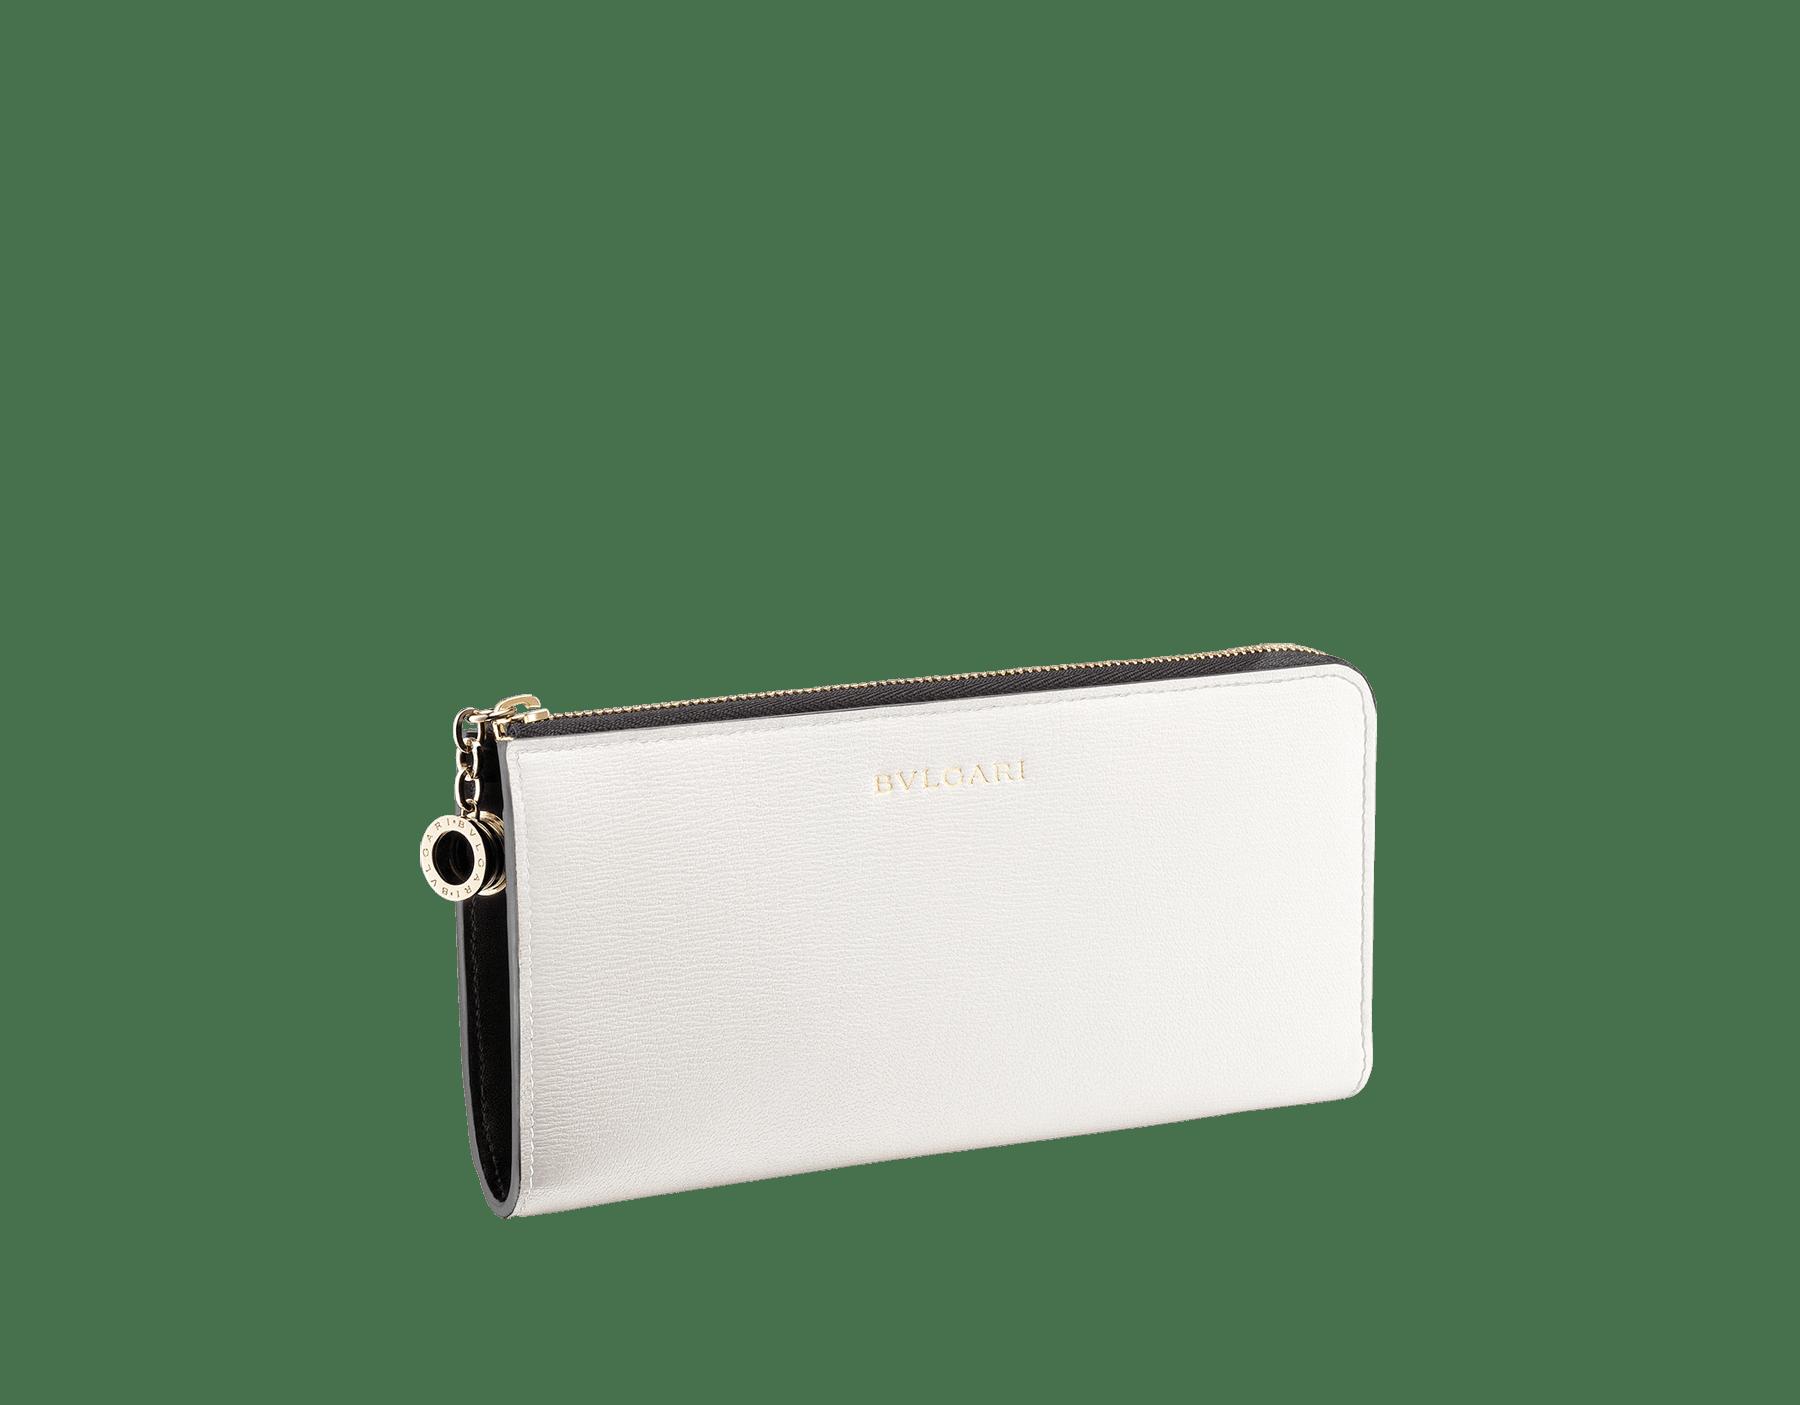 デイジートパーズとタフィークォーツのゴートスキン、およびタフィークォーツのナッパ製「ビー・ゼロワン」L型ジップ付きの財布。ブラスライトゴールドプレートのアイコニックな「ビー・ゼロワン」ロゴのジッププラー。 BZA-WLT-MZP-SLIM-L image 1